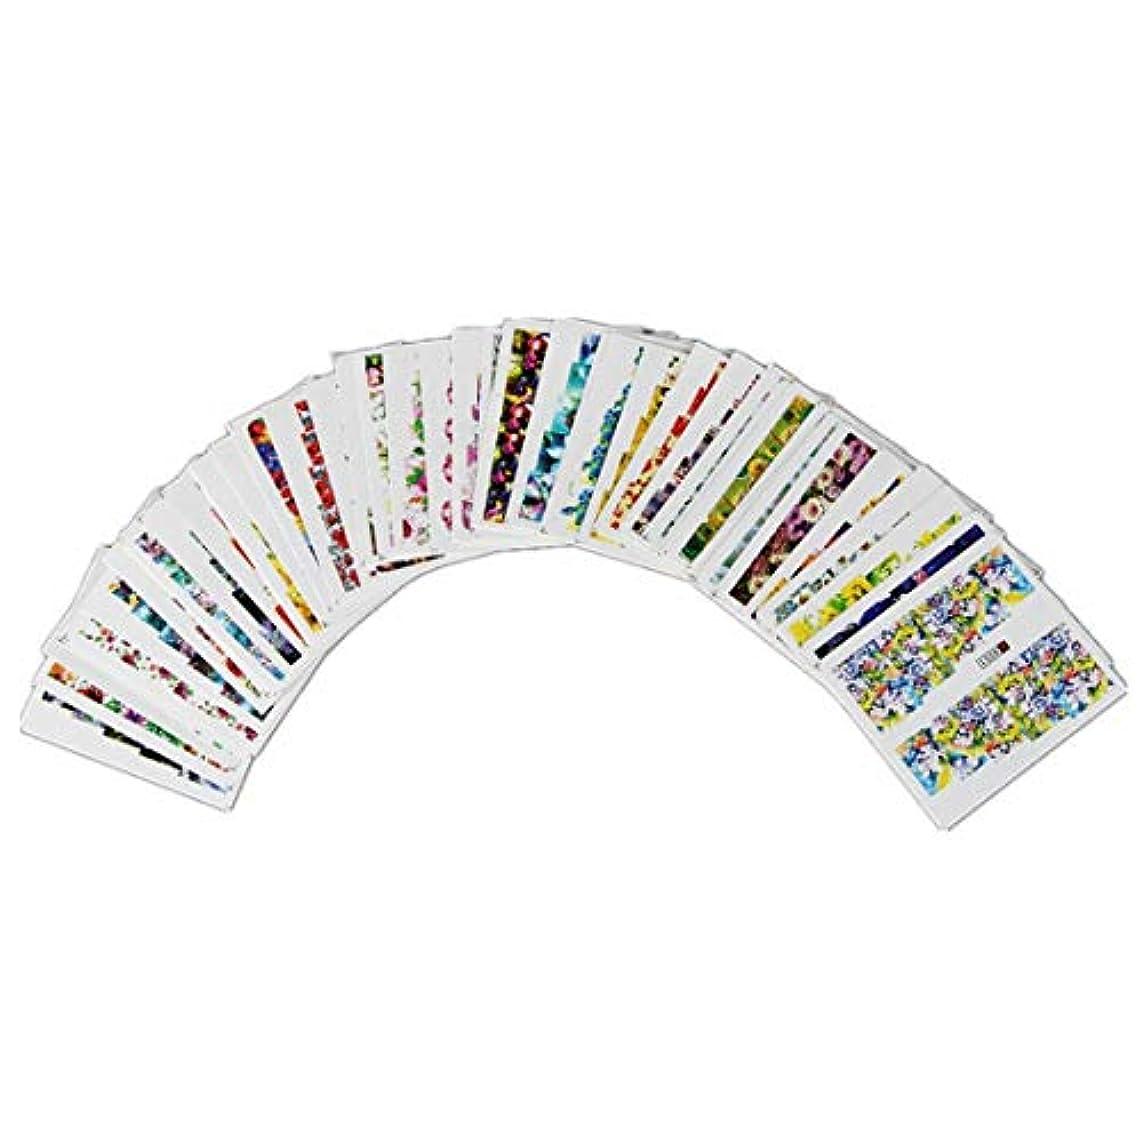 感謝する画像破産OWNFSKNL 50枚ネイルステッカー盛り合わせパターン水転写花フラワーステッカーセット女性用爪の装飾ネイルデカールネイルアートアクセサリーマニキュアチャームヒント